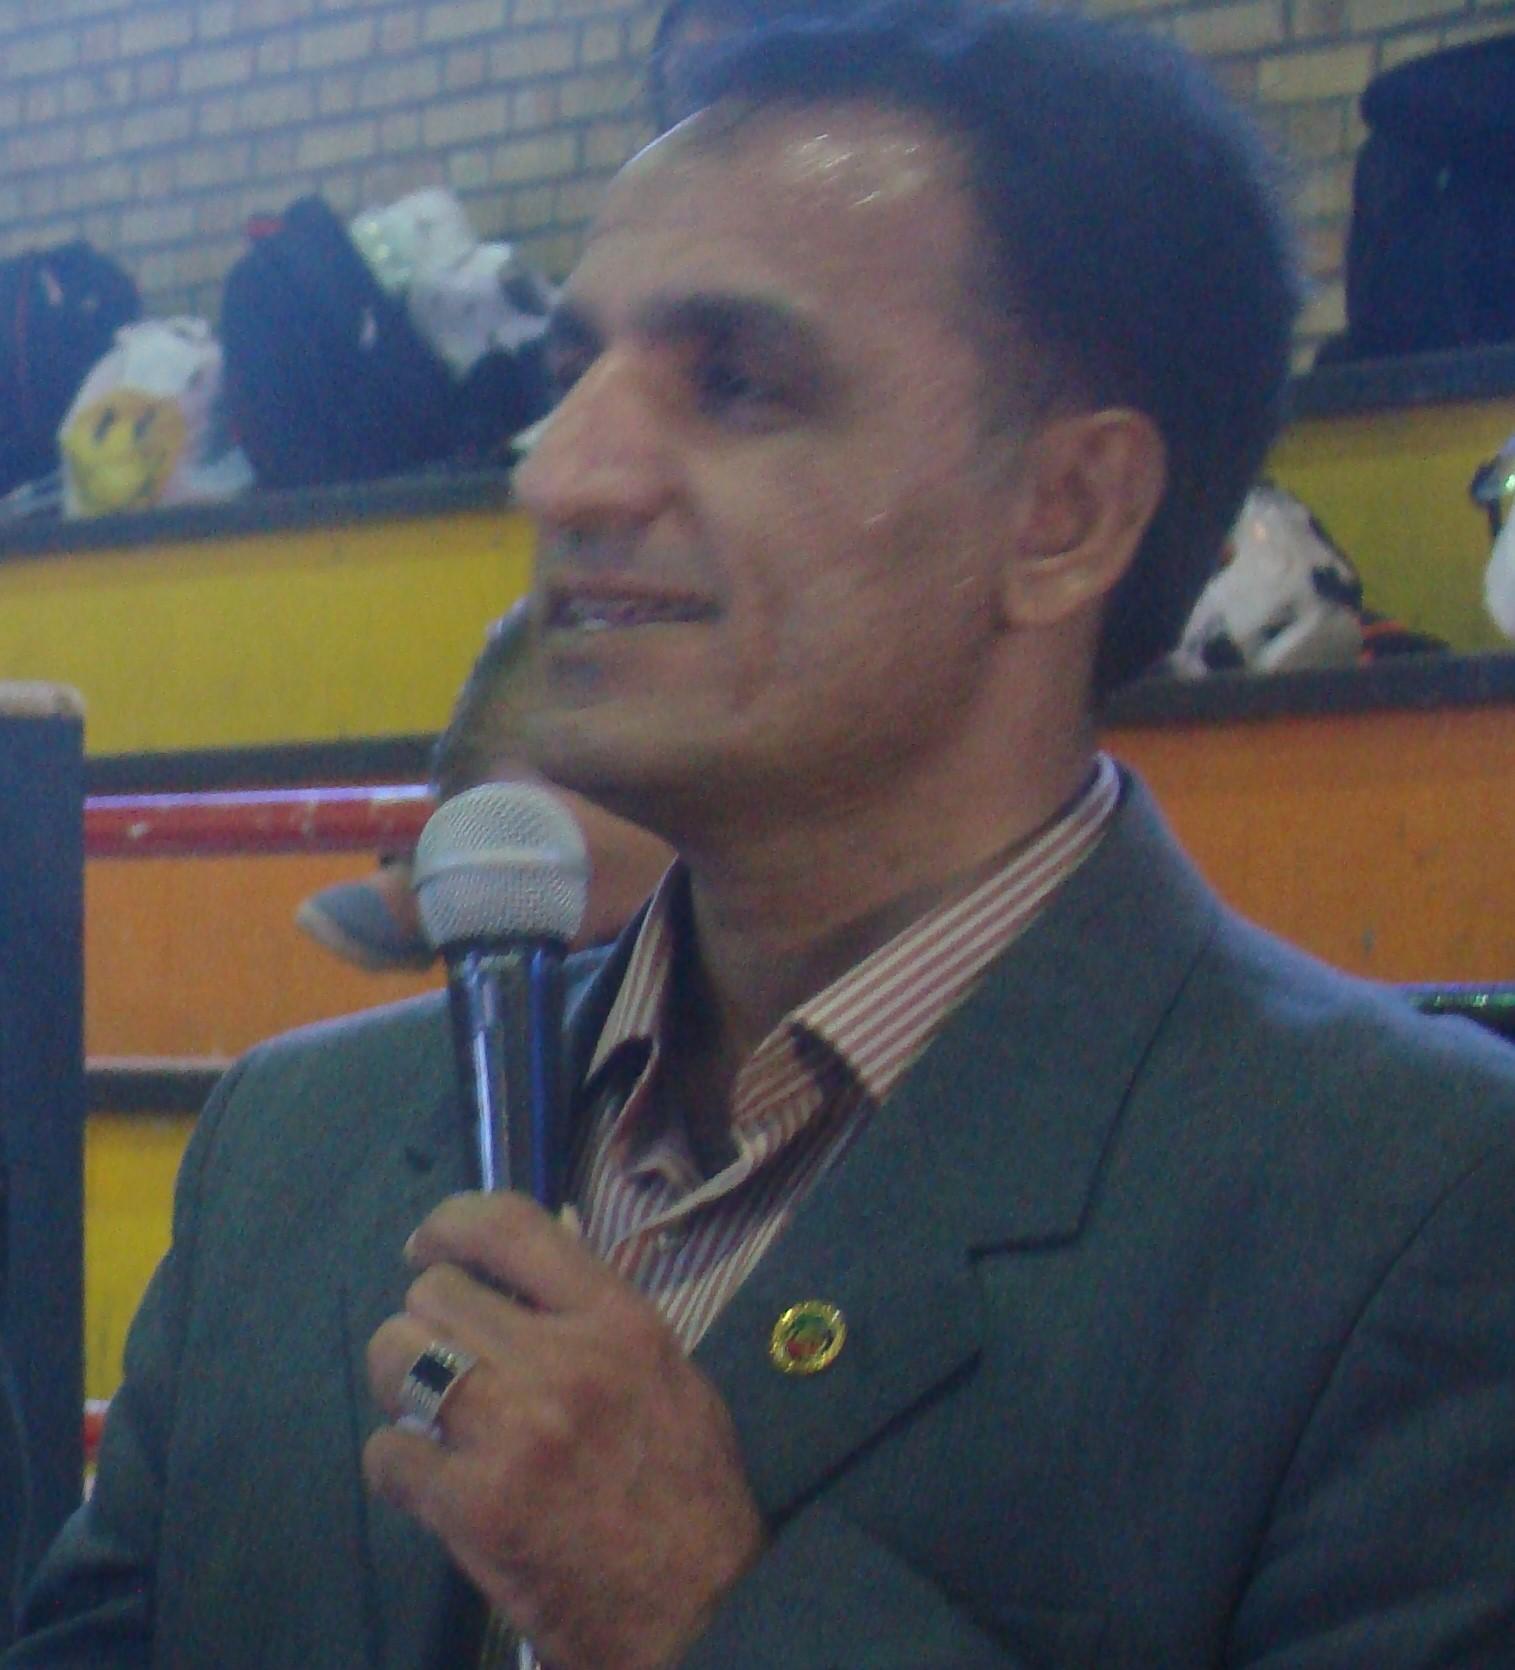 شادمان رئیس هیأت تکواندو فارس:  رتبه تکواندو  فارس در کشور بهبود یافت/ افت محسوس تکواندو در داراب